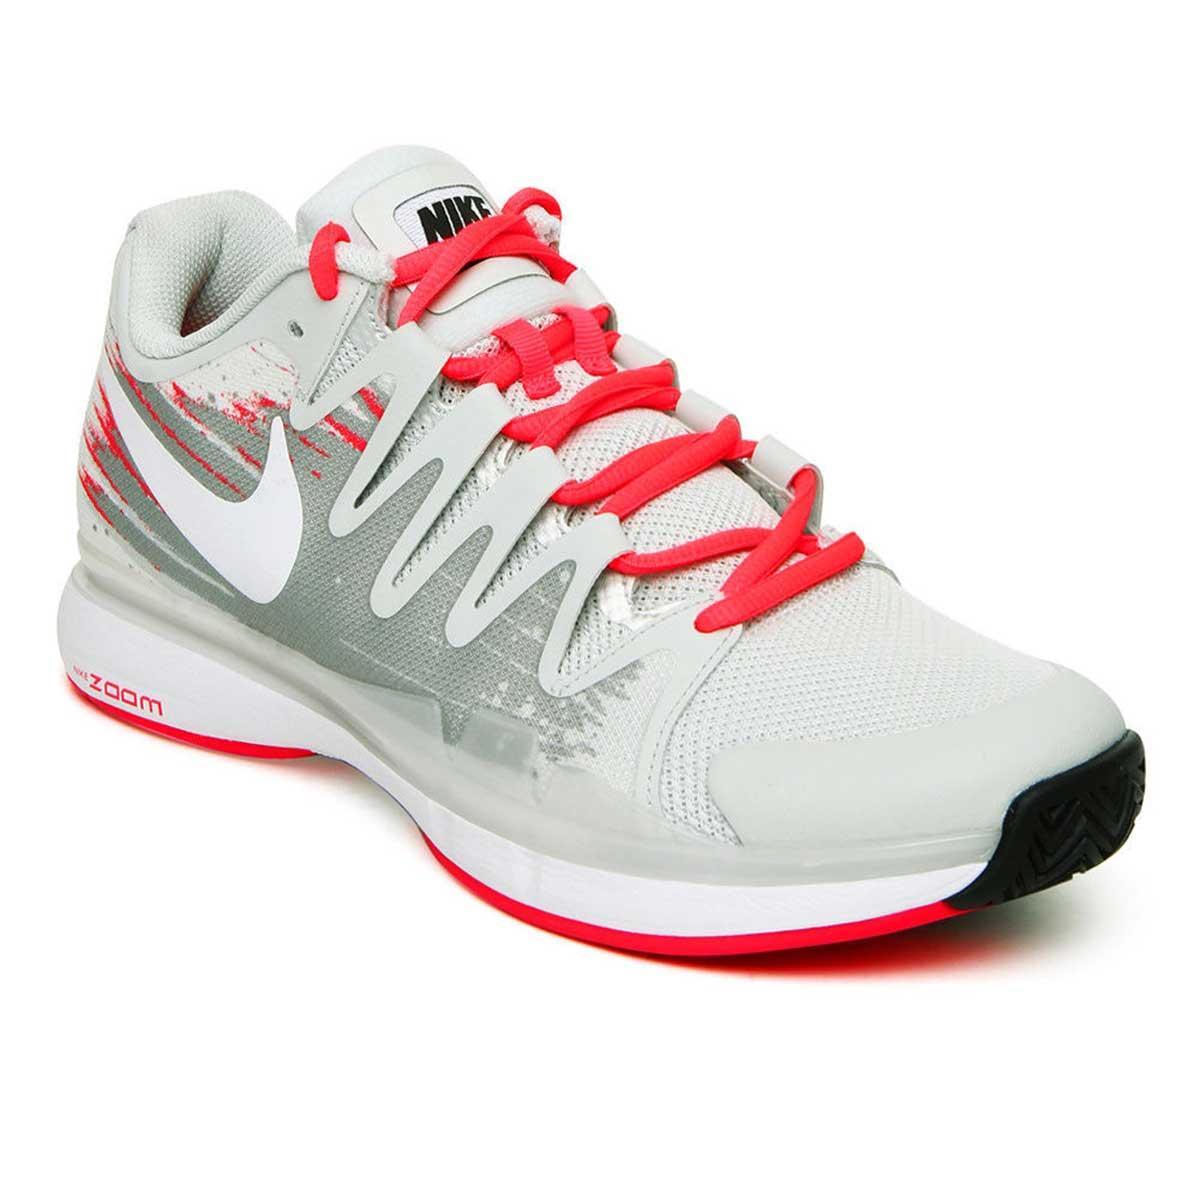 Buy Nike Zoom Vapor 9.5 Tour Tennis